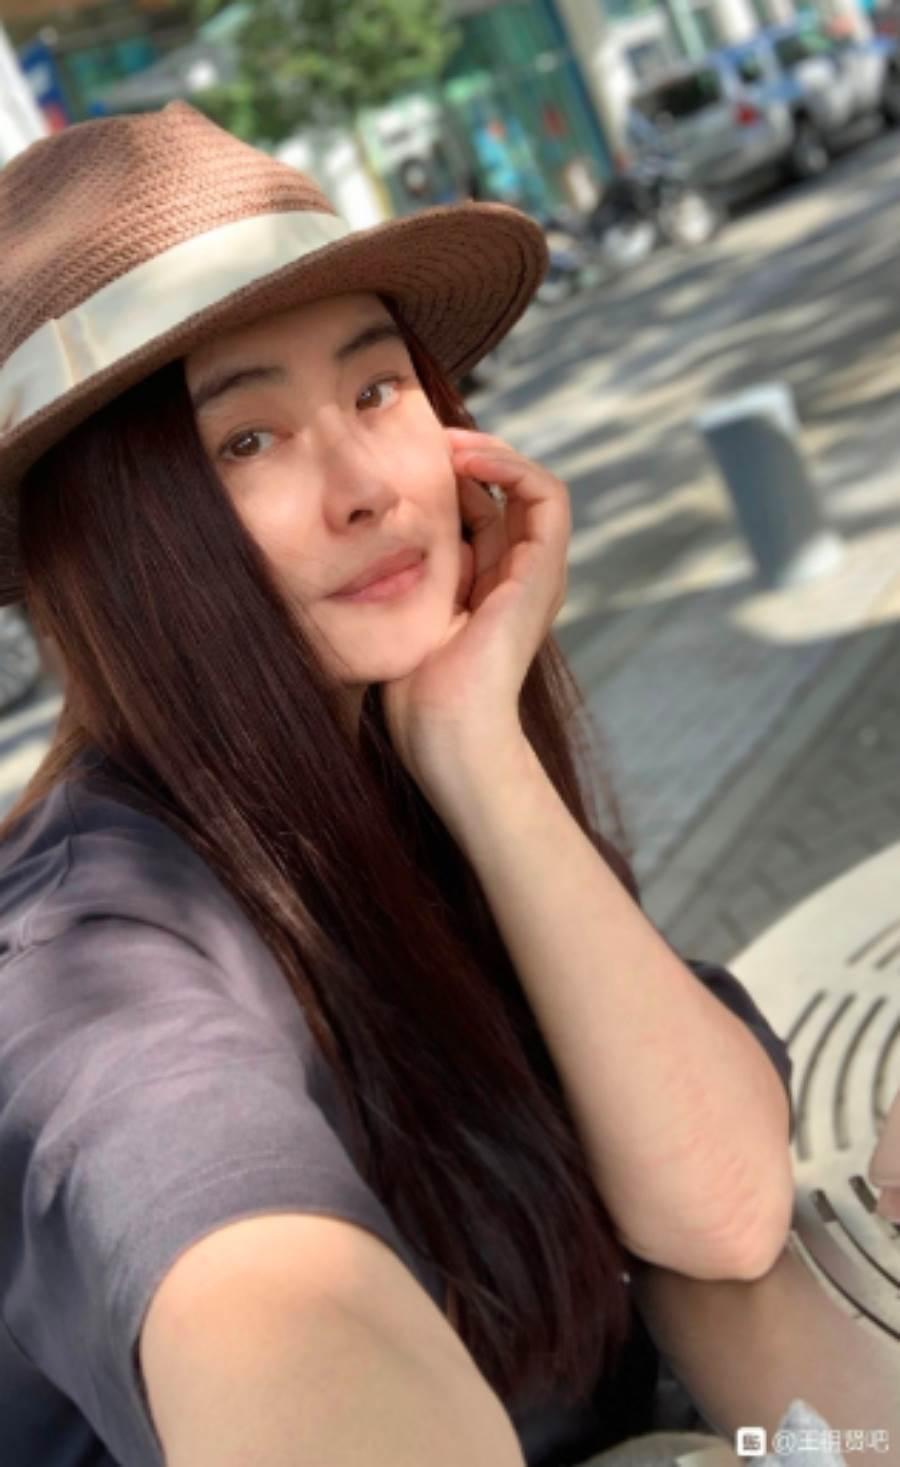 今(25)日王祖賢粉絲分享她的近況照,神凍齡幾乎看不出她已年過半百,讓人不免讚嘆「神仙姐姐」。(圖/ 摘自王祖賢微博粉絲會)